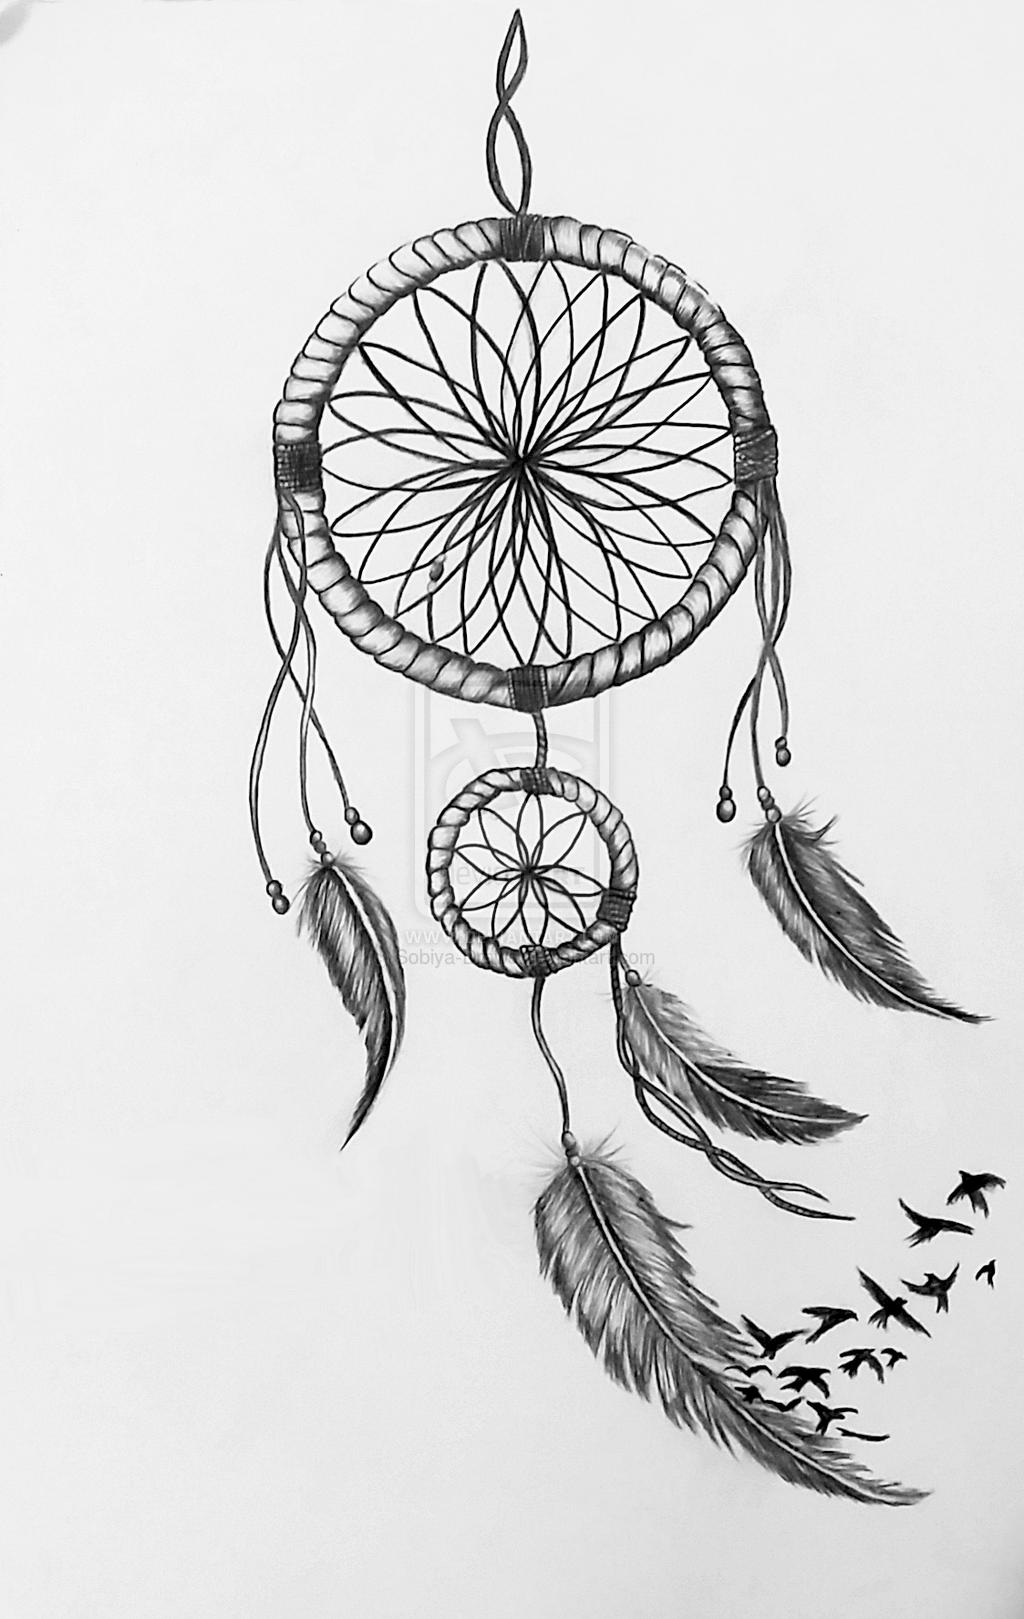 modelos de tatuagens filtro dos sonhos ornamentais - Pesquisa Google